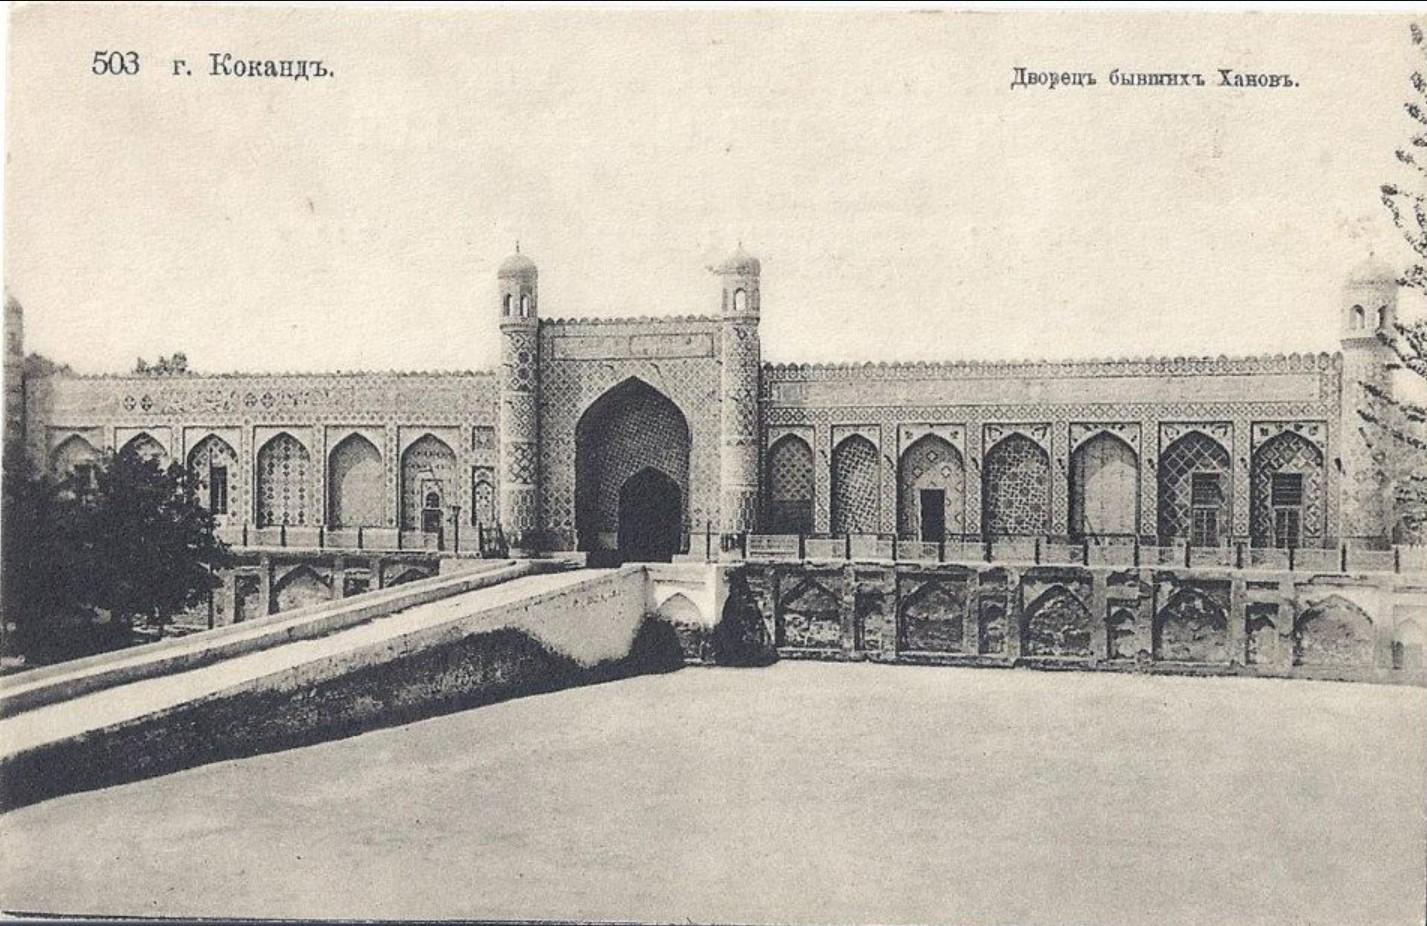 Дворец бывших ханов